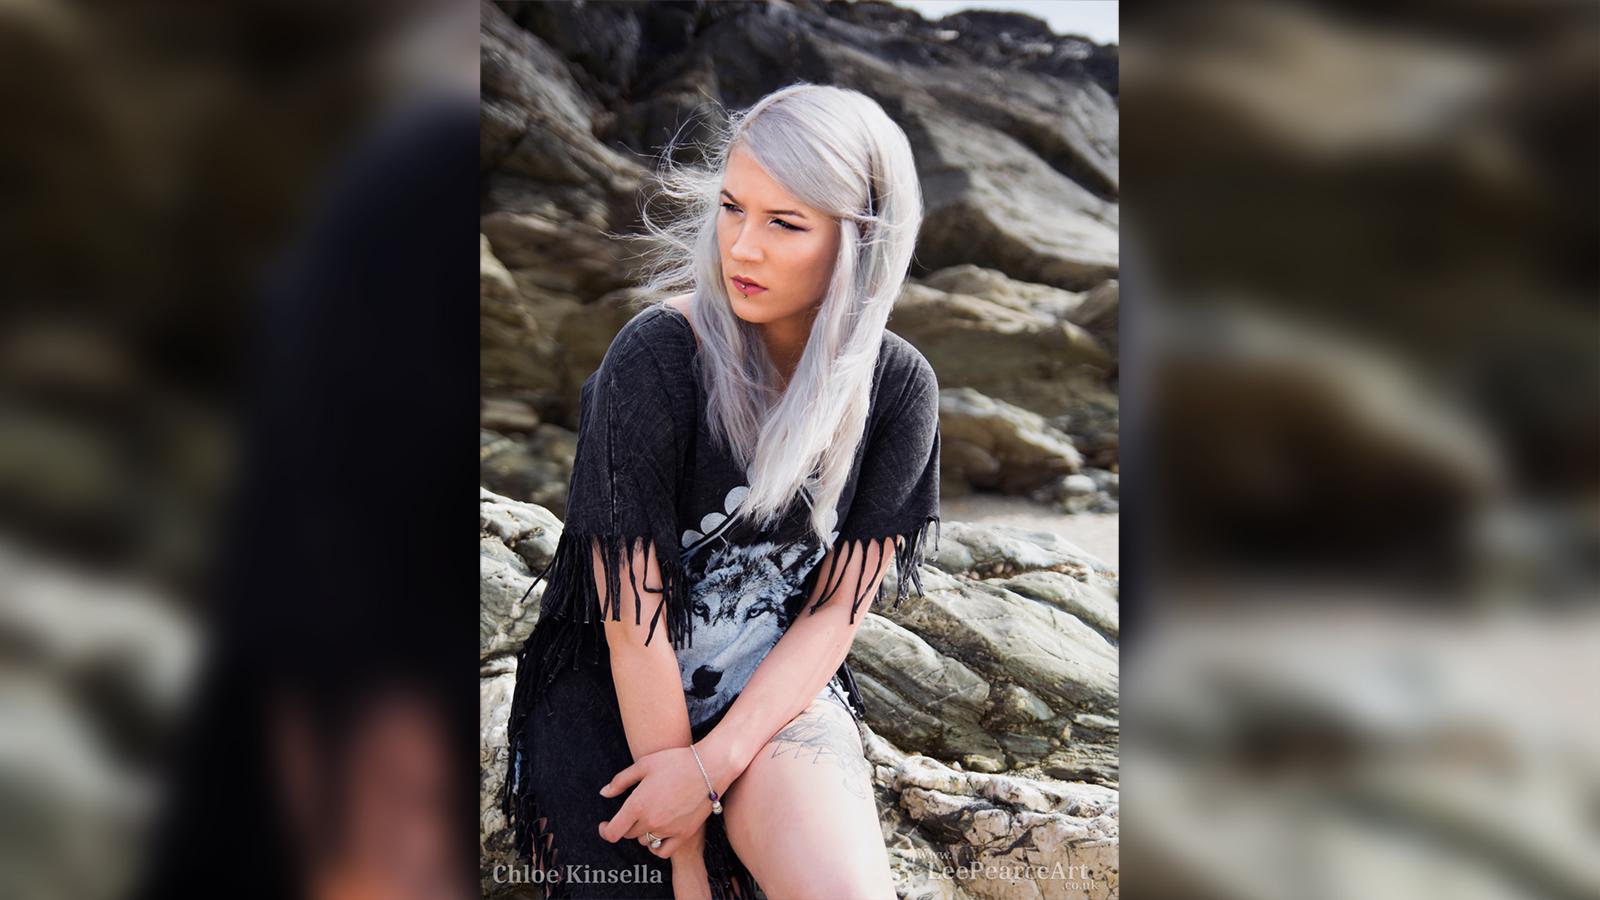 ChloeK6